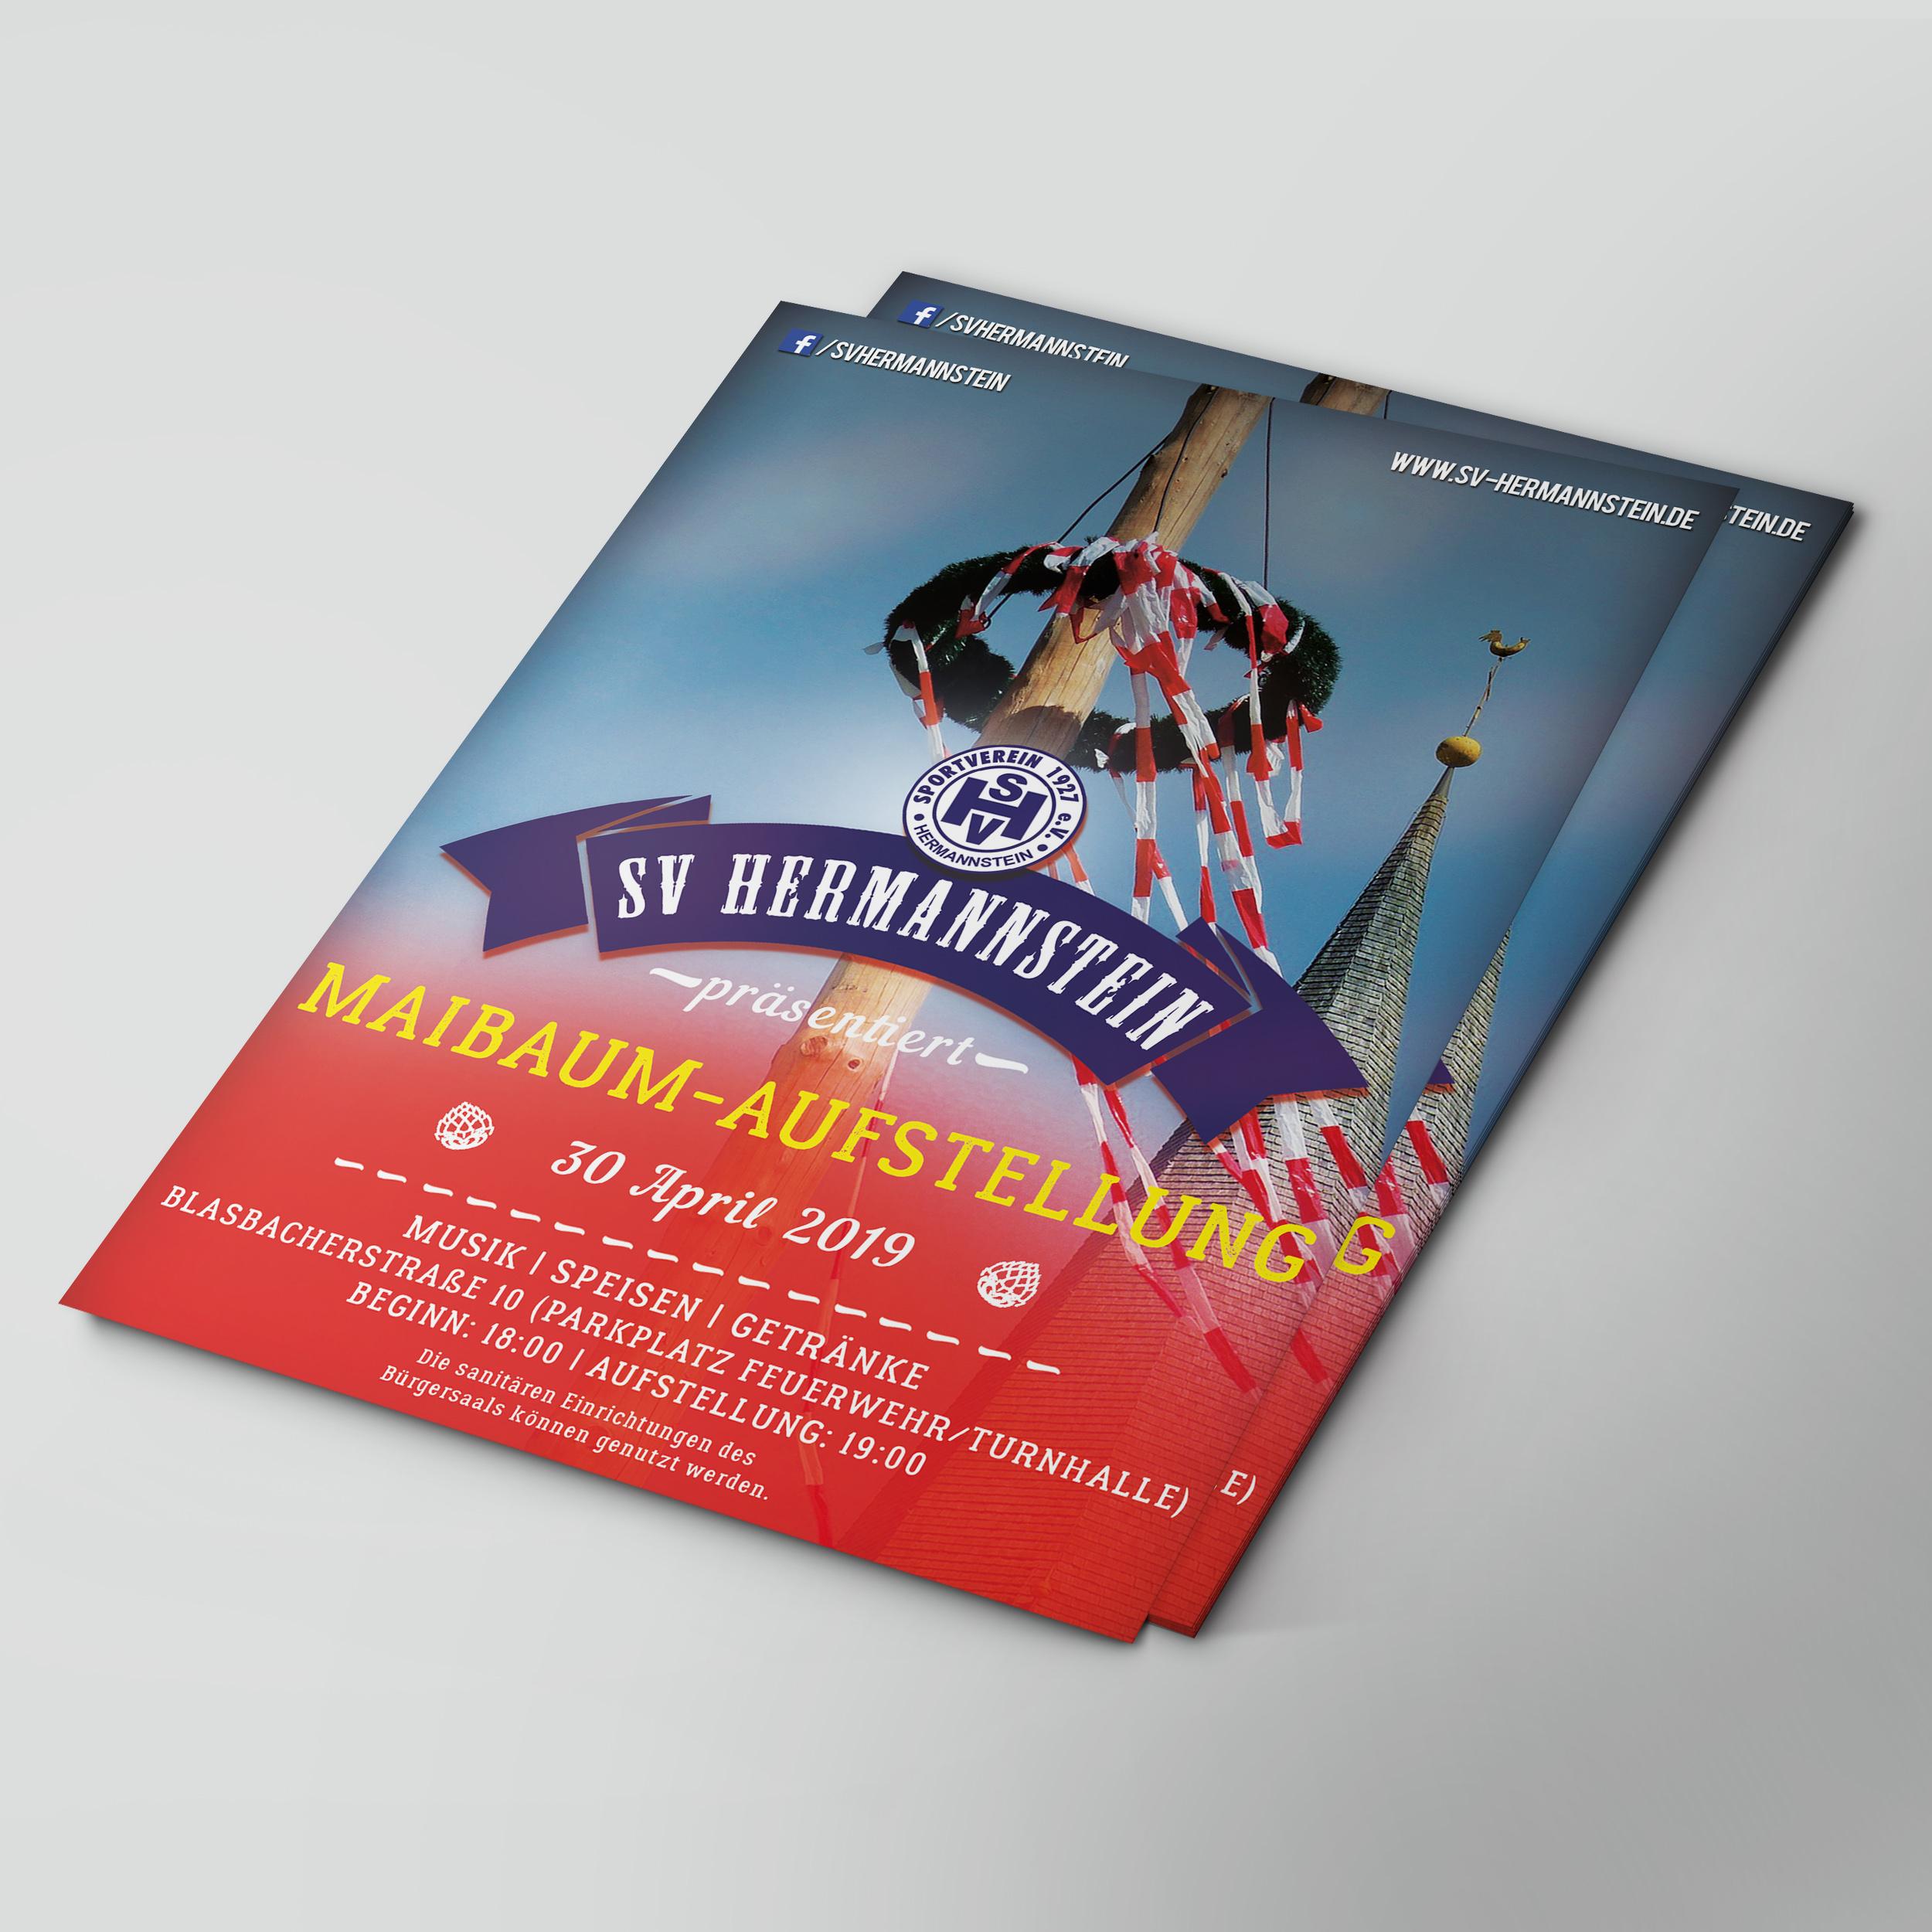 sv-hermannstein-maibaum-2019-flyer